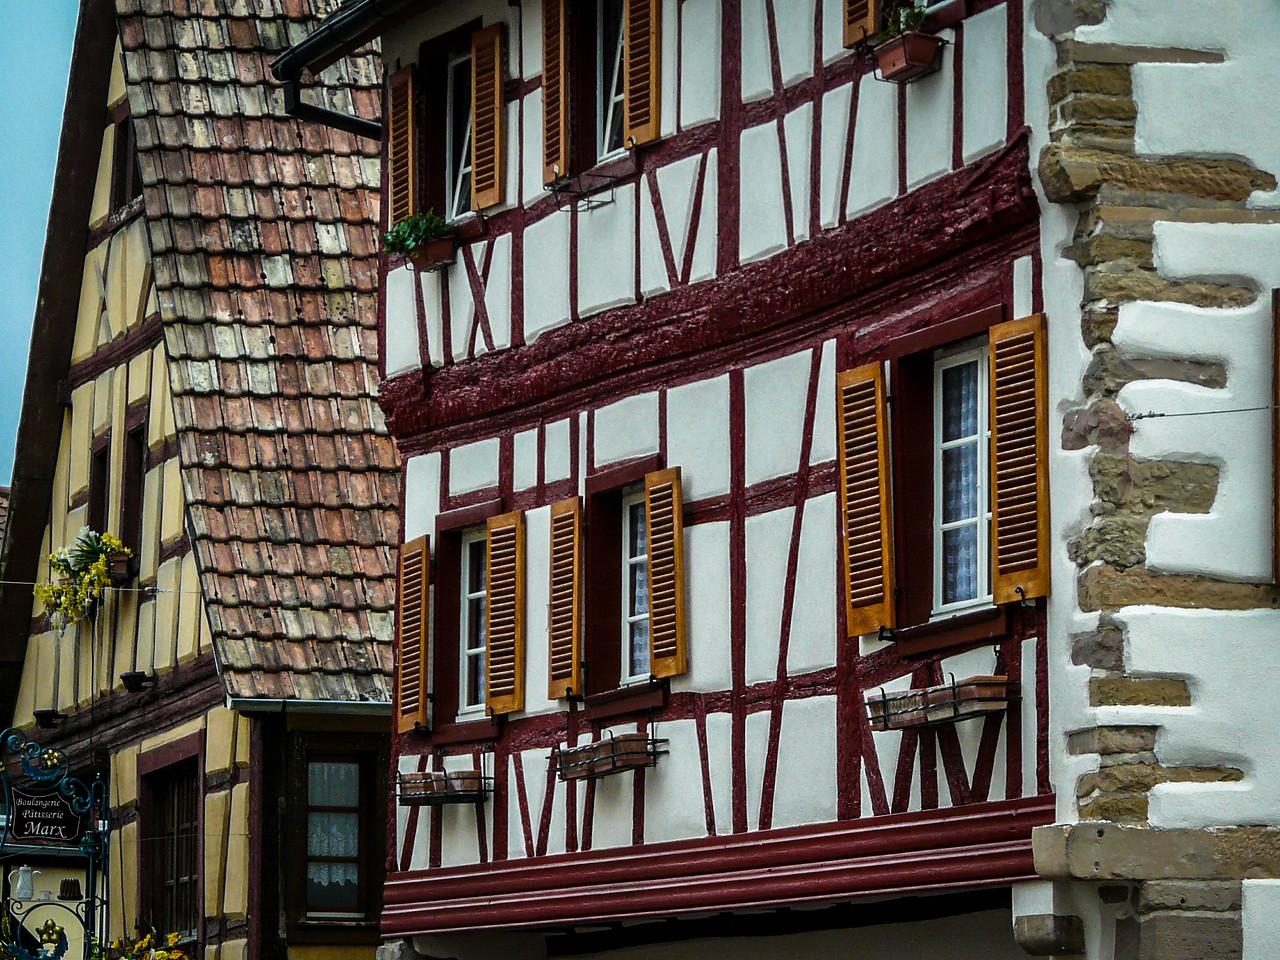 Fachwerk Houses, Eguisheim